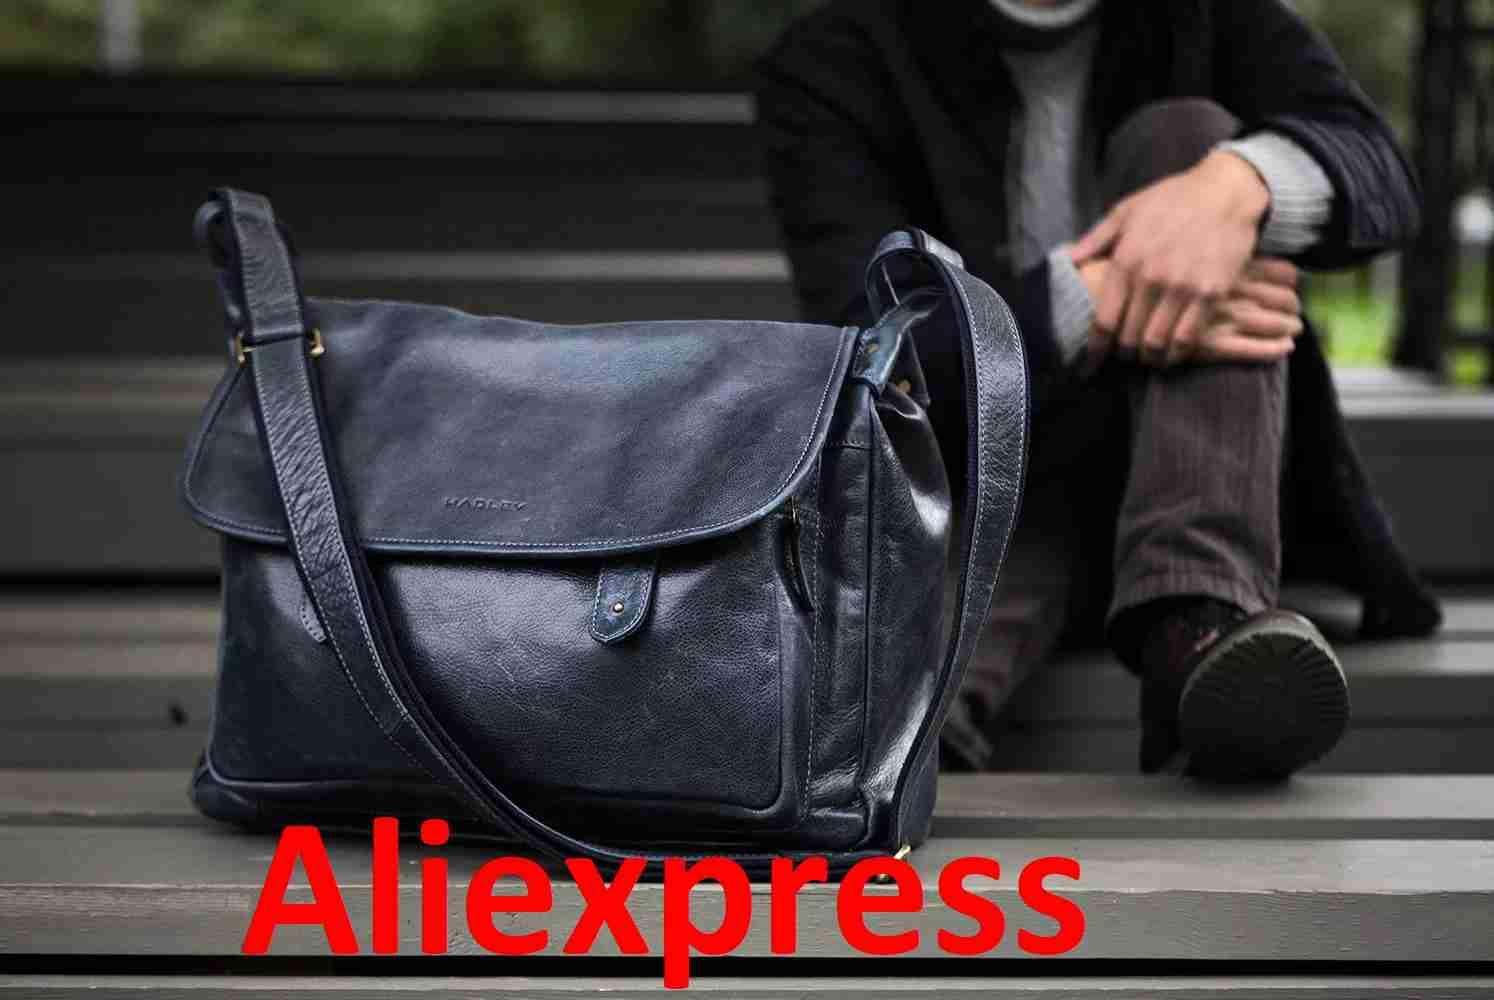 f4d2b4d9da55 Лучшие мужские сумки на Алиэкспресс в этом году 2018 – 2019